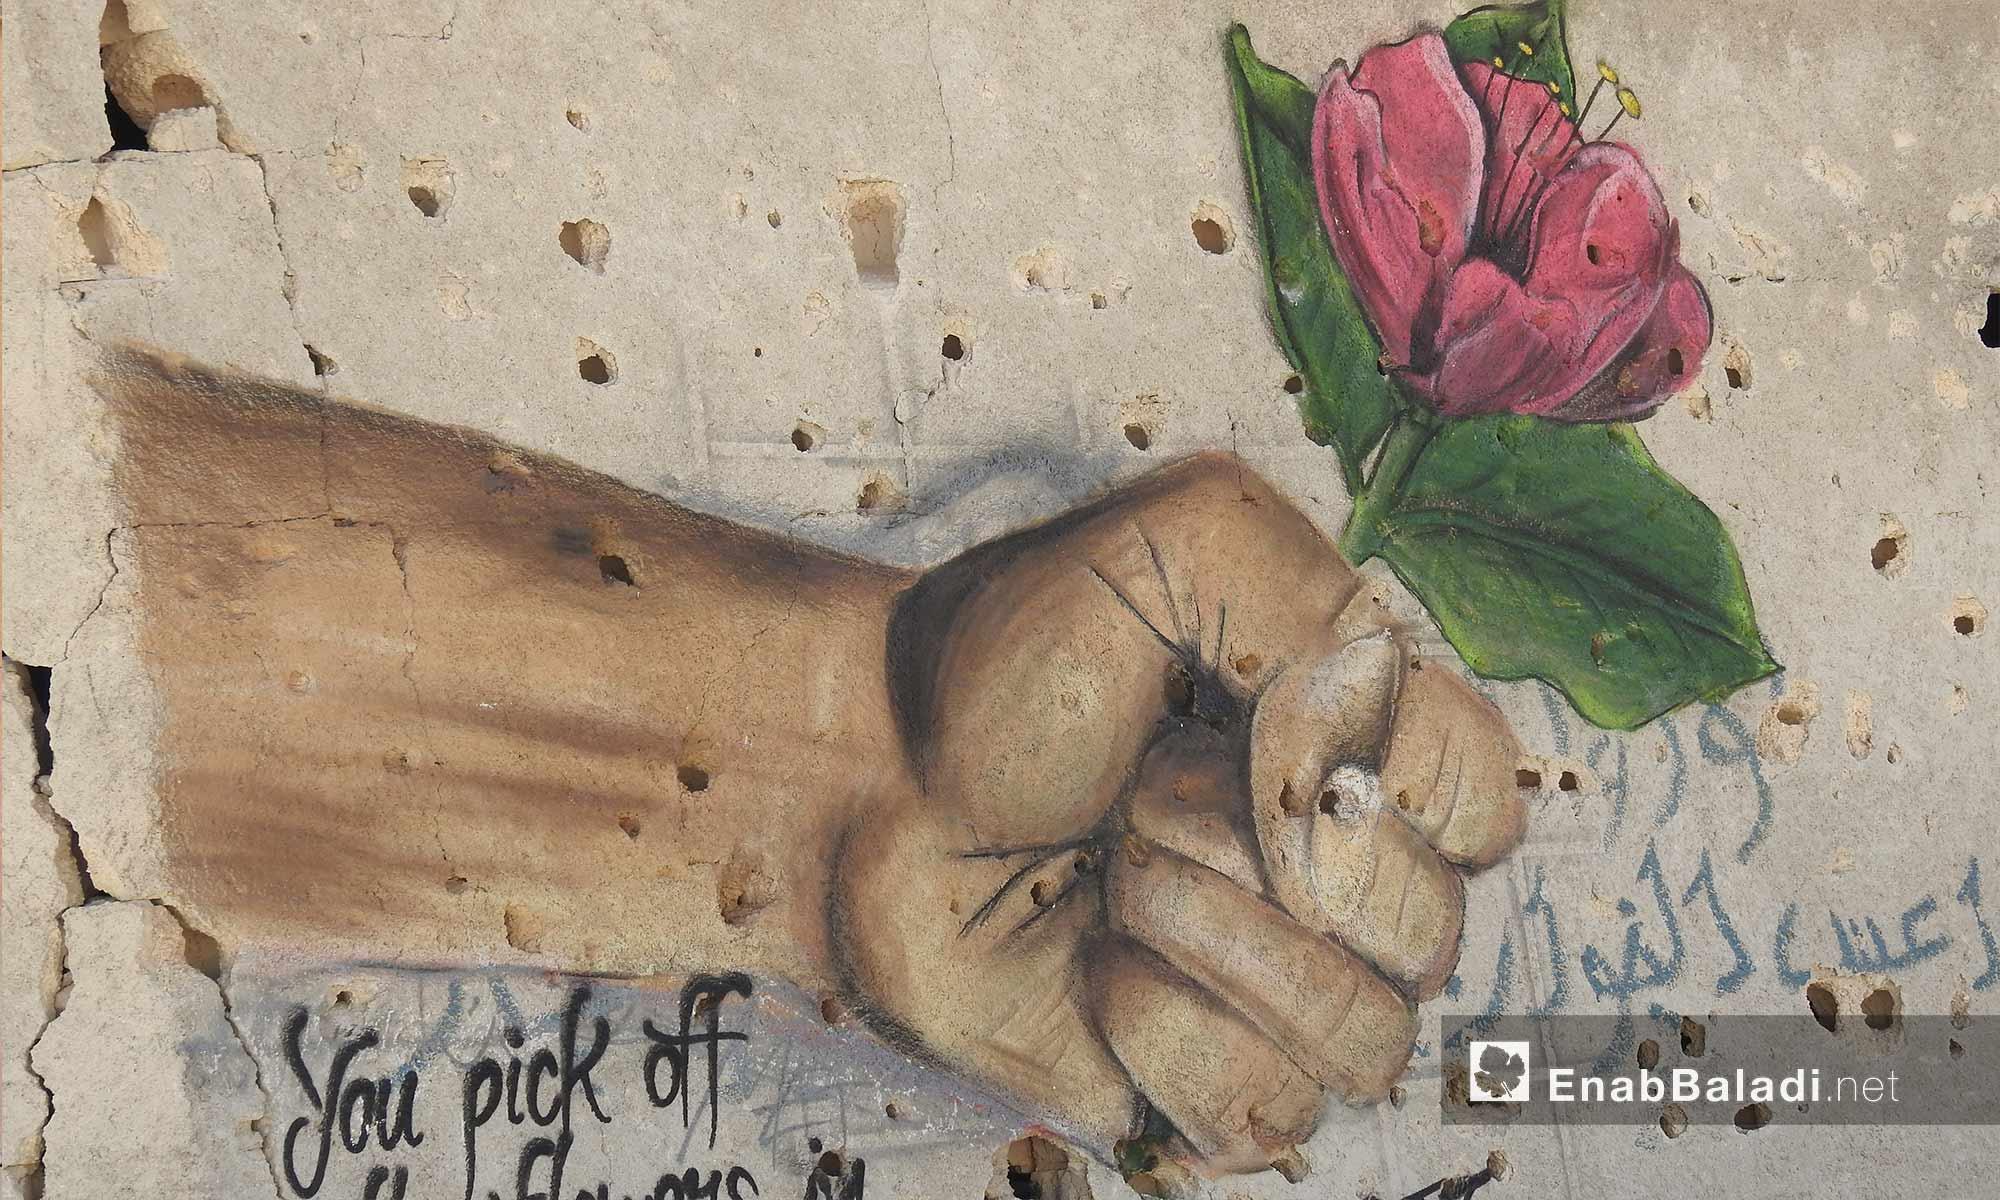 رسم غرافيتي ليد تحمل وردة على جدران مهدمة في قرية براغيدة بريف حلب الشمالي - 2 تشرين الأول 2017 (عنب بلدي)